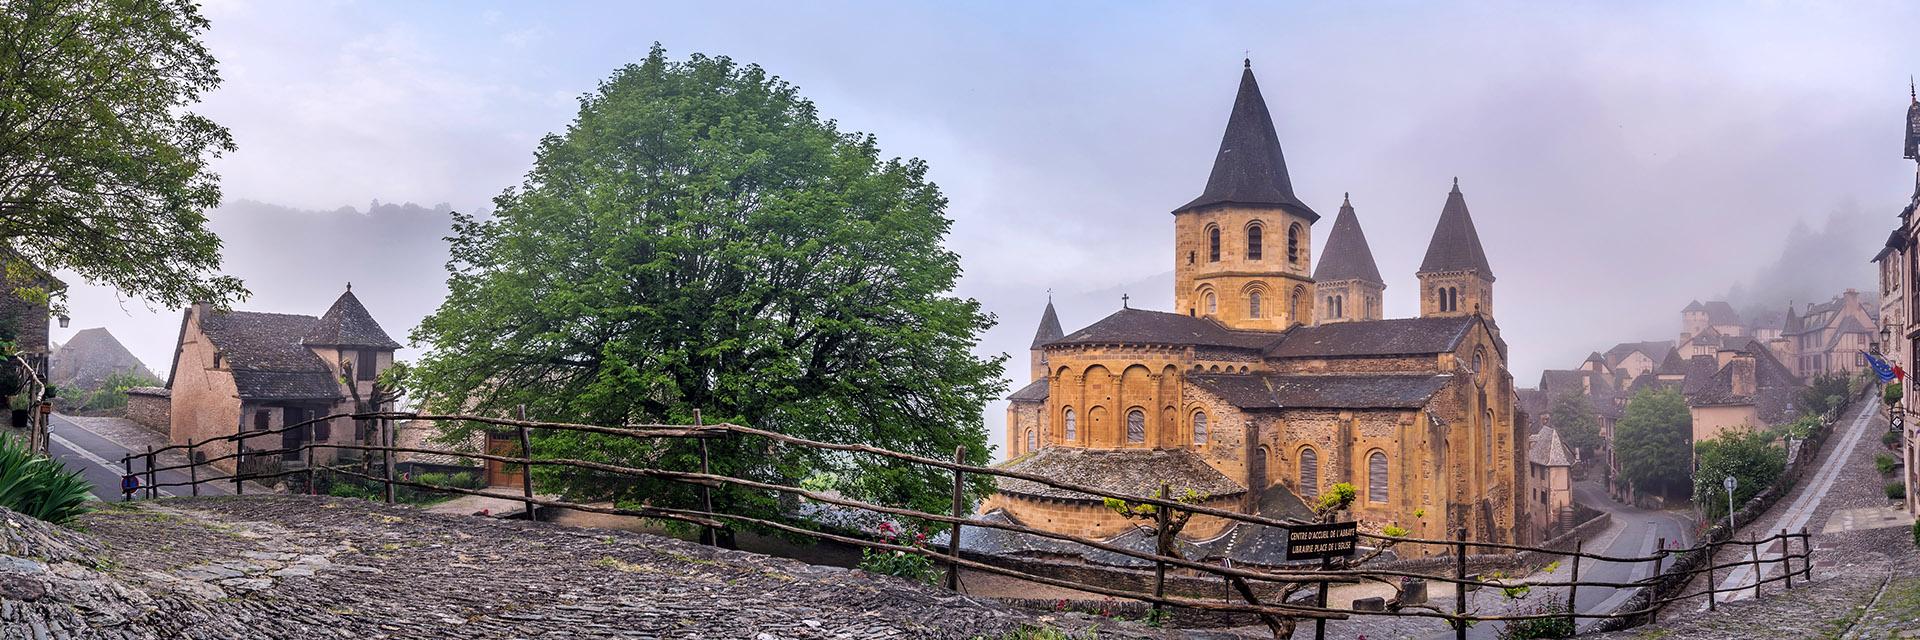 Découvrez les monuments des Chemins de Saint-Jacques de Compostelle en groupe